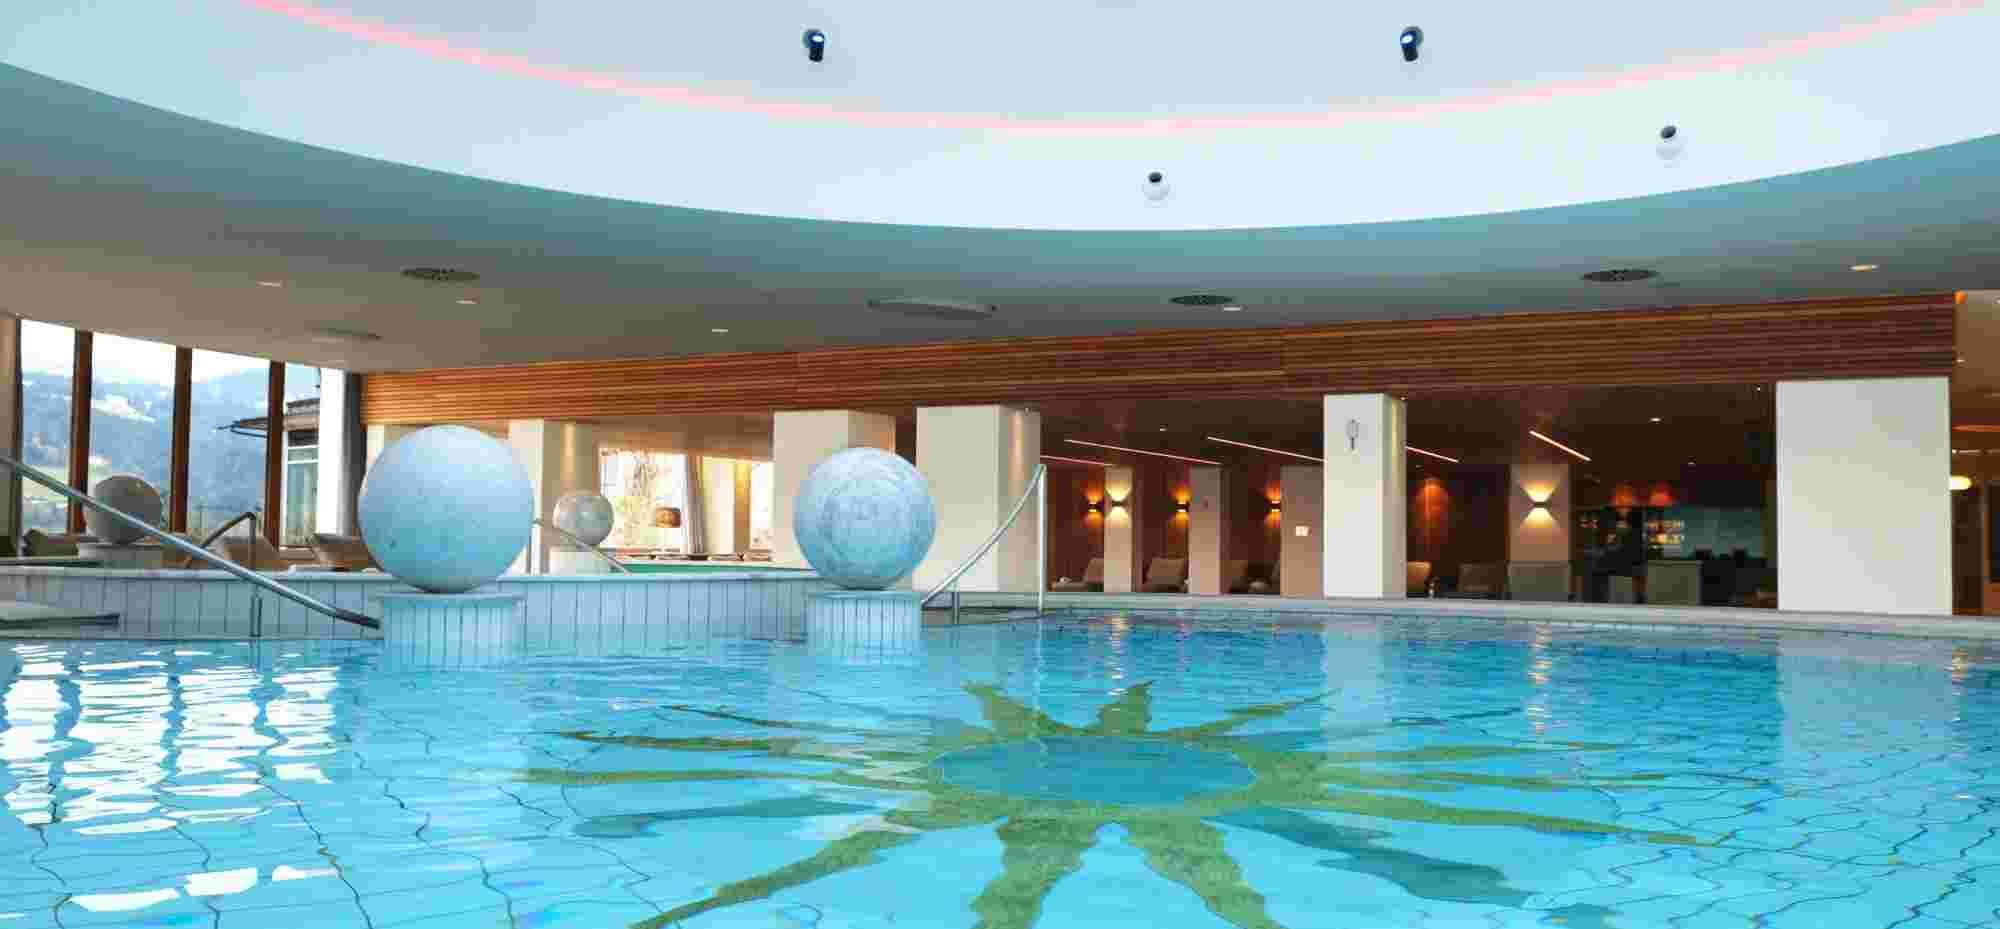 Erlebnisbecken im Wellnesshotel Allgäu Sonne in Oberstaufen